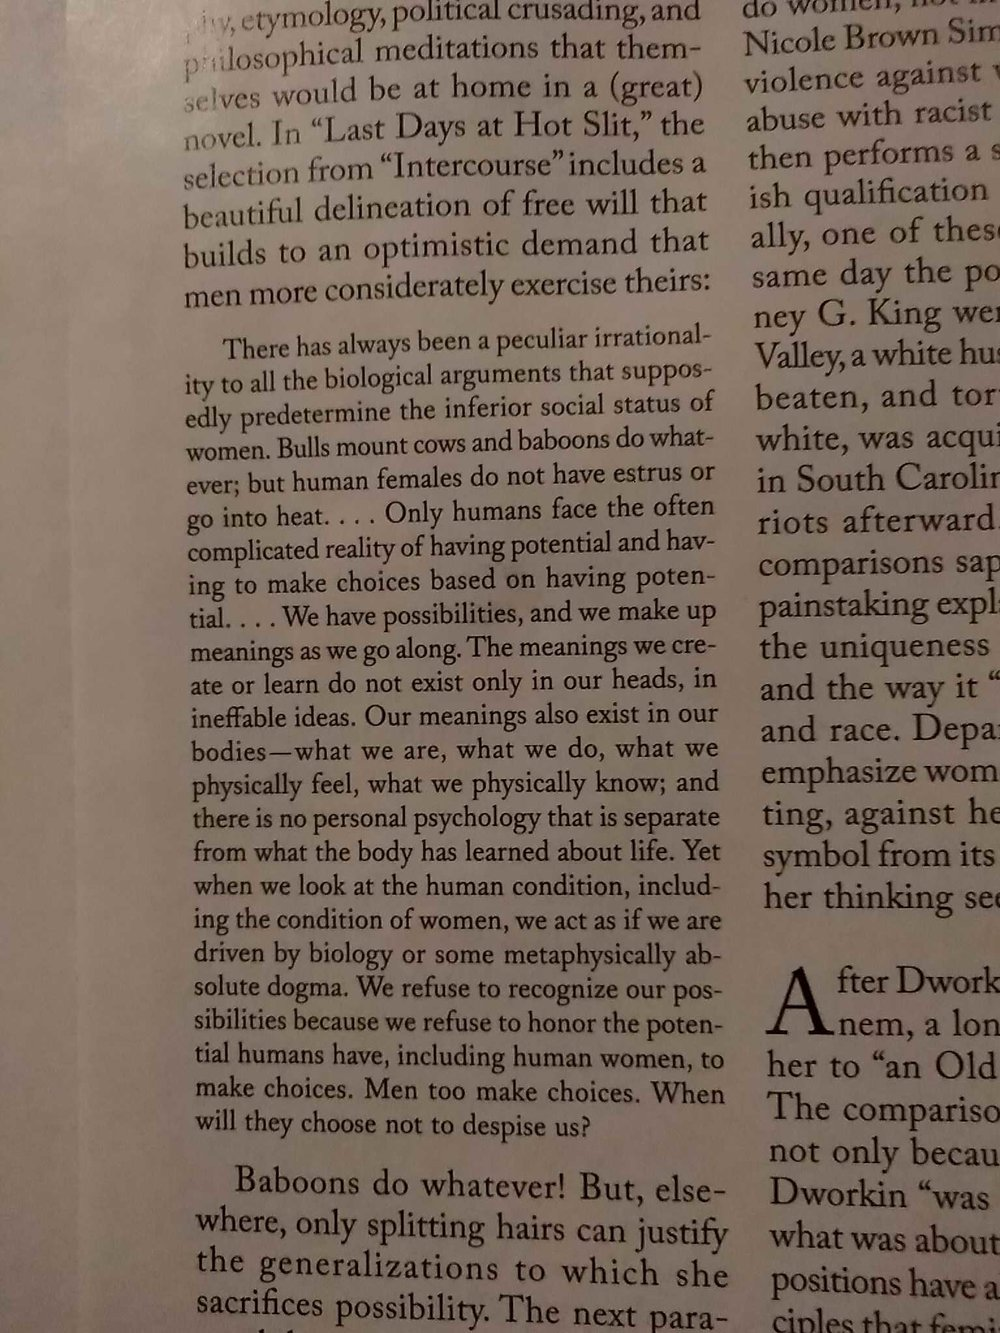 Andrea Dworkin - passt zu unseren Artikeln  Die Rückkehr der Steinzeit?  und  Wollen Frauen Alphamänner?